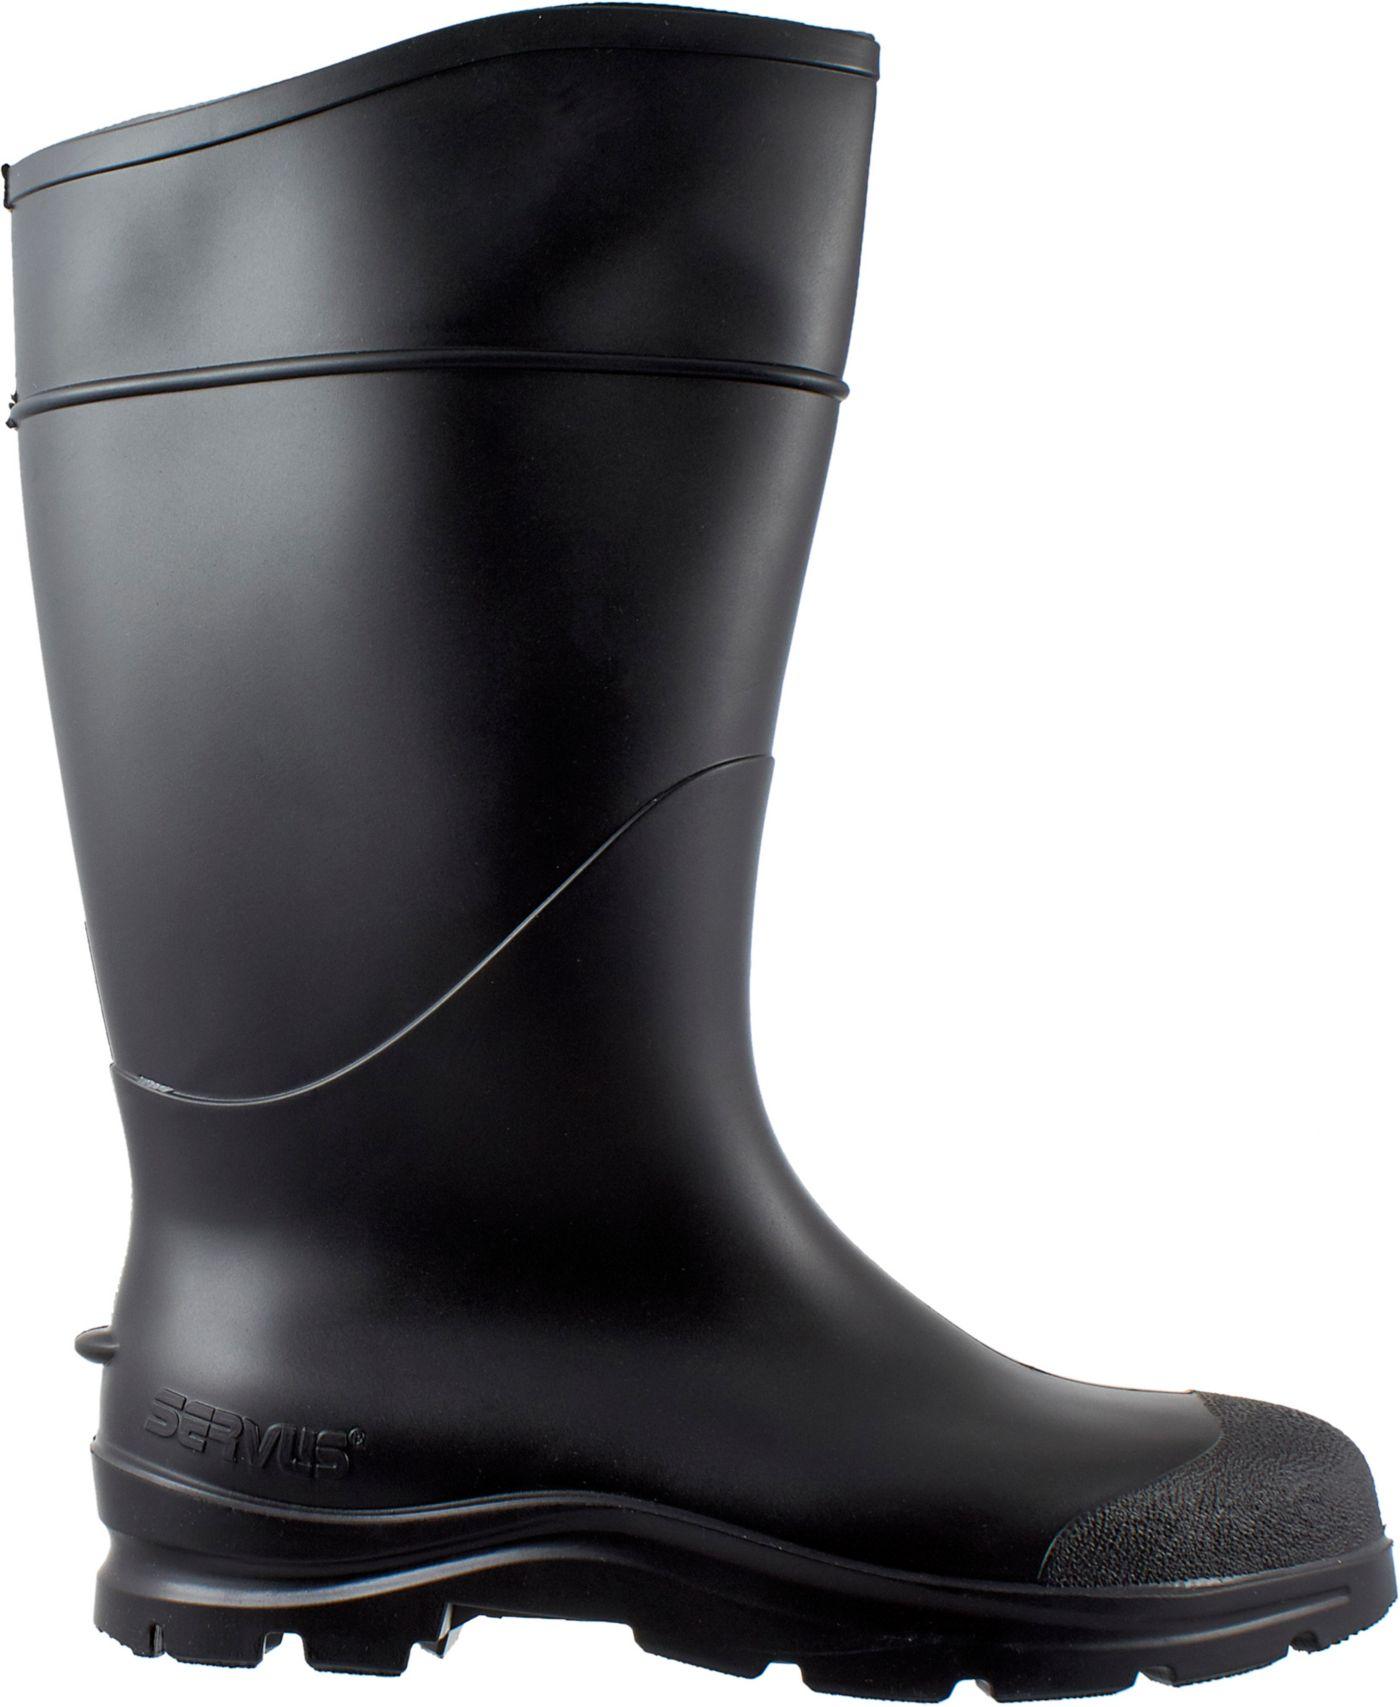 Servus Men's CT Economy Waterproof Rubber Work Boots